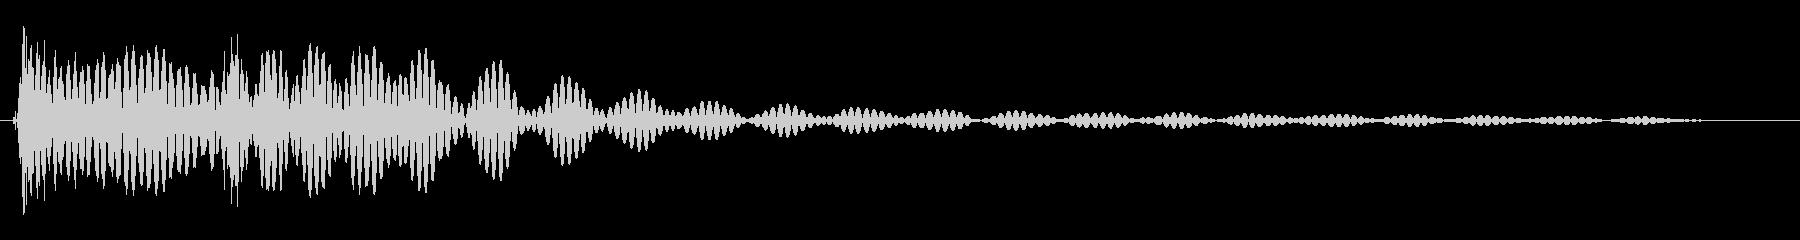 勢いやキレがある効果音の未再生の波形